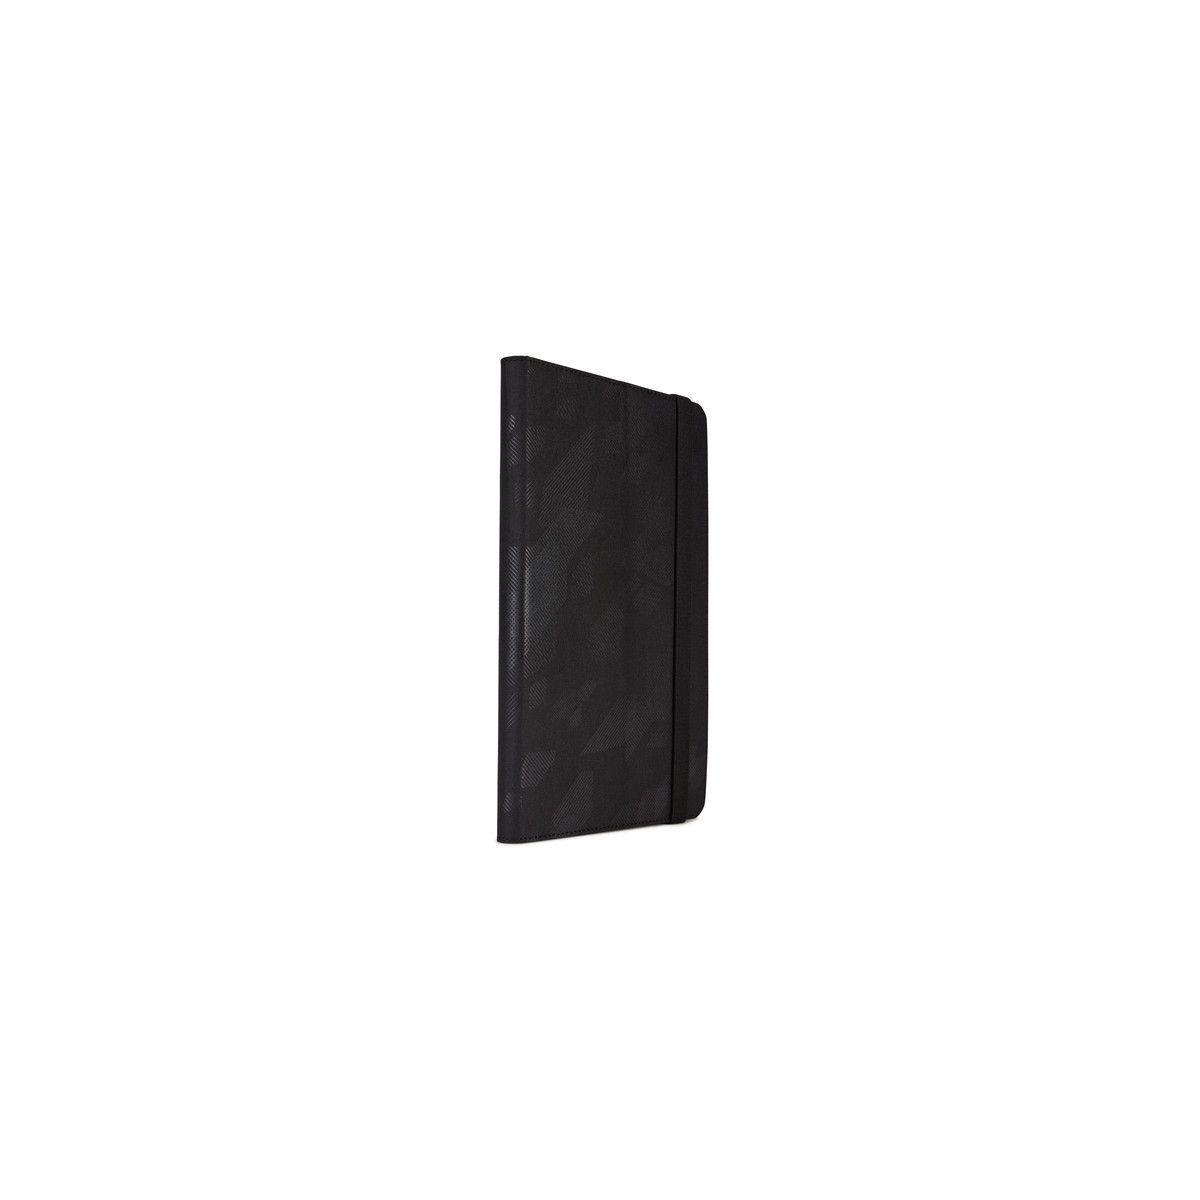 Coque caselogic tablette 7-8'' noir - livraison offerte : code liv (photo)